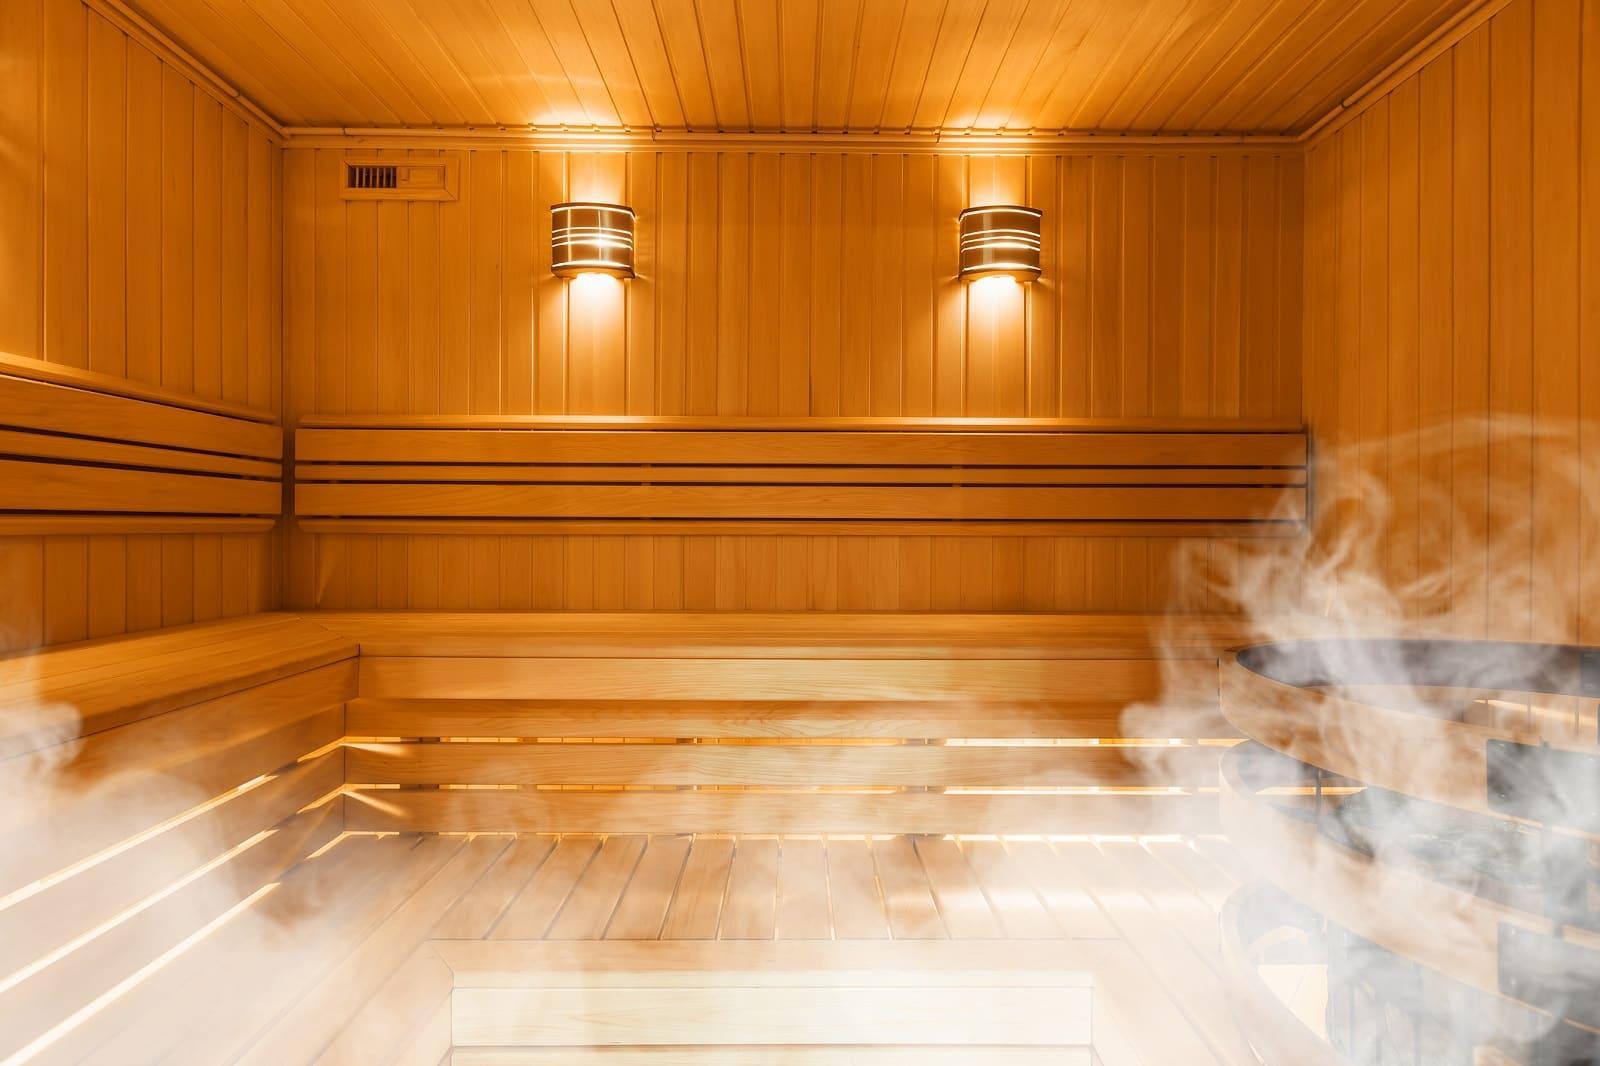 kąpiel w saunie